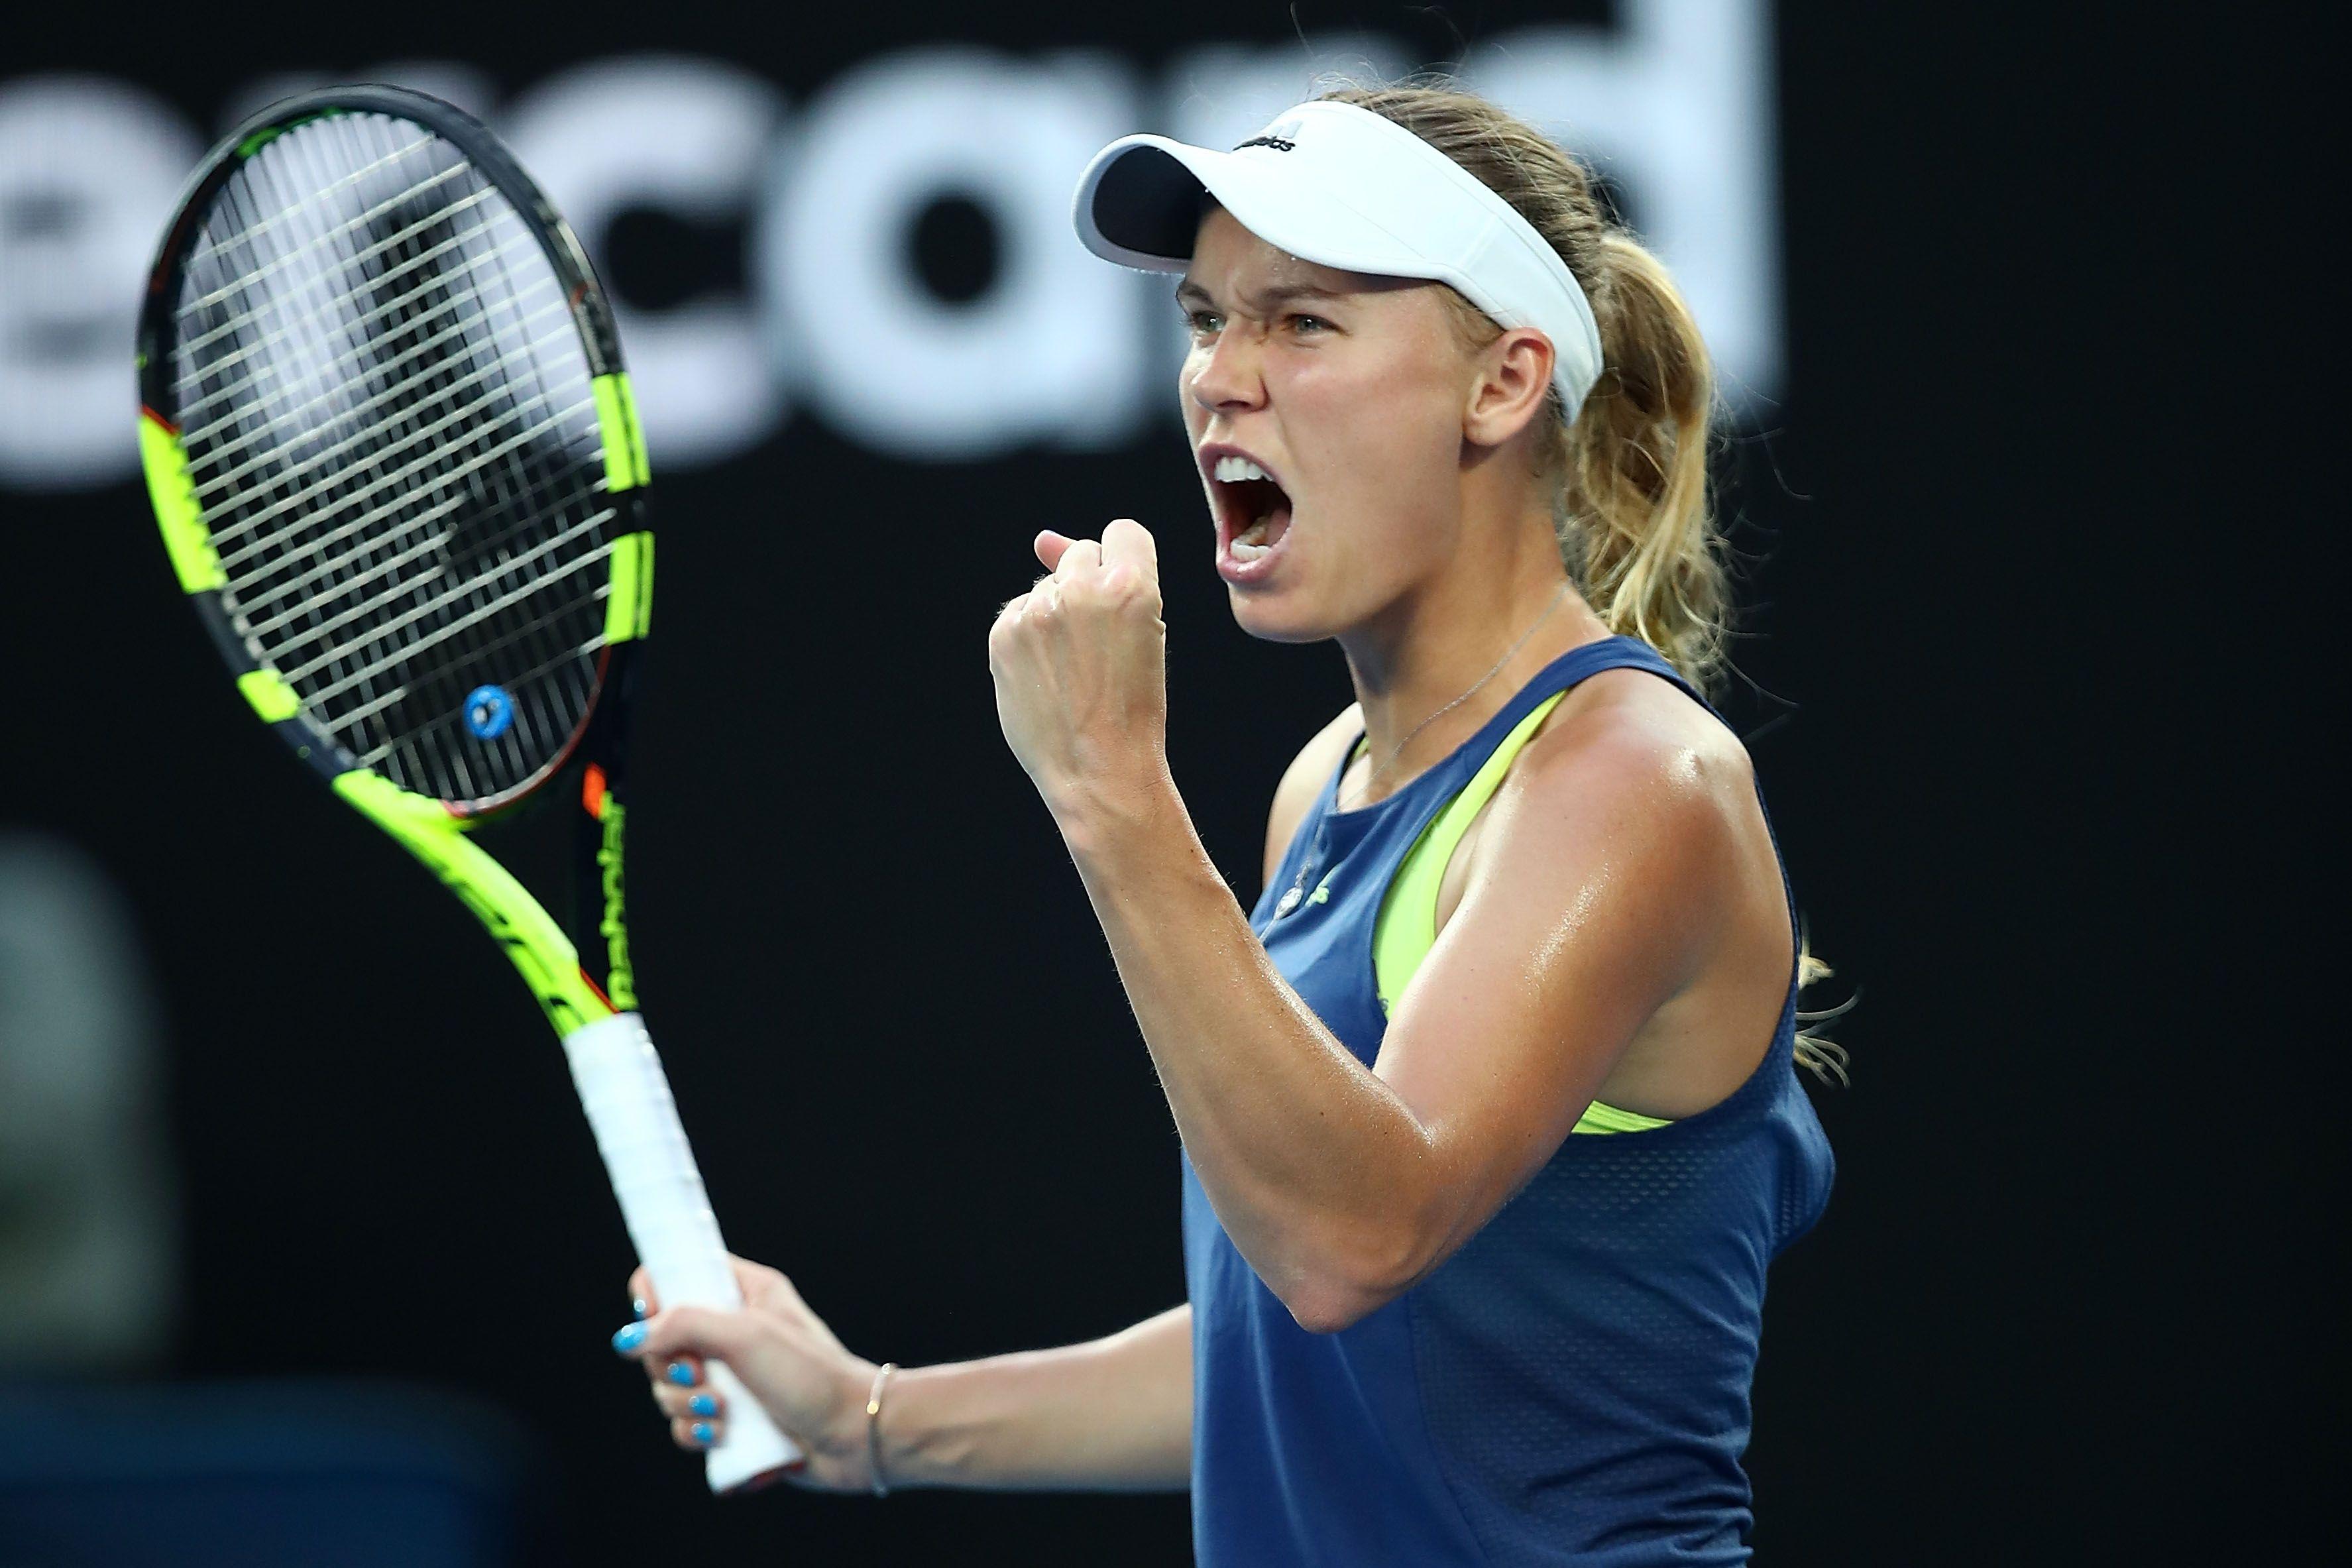 Tennis Star Caroline Wozniacki Opens Up About Her Rheumatoid Arthritis Diagnosis